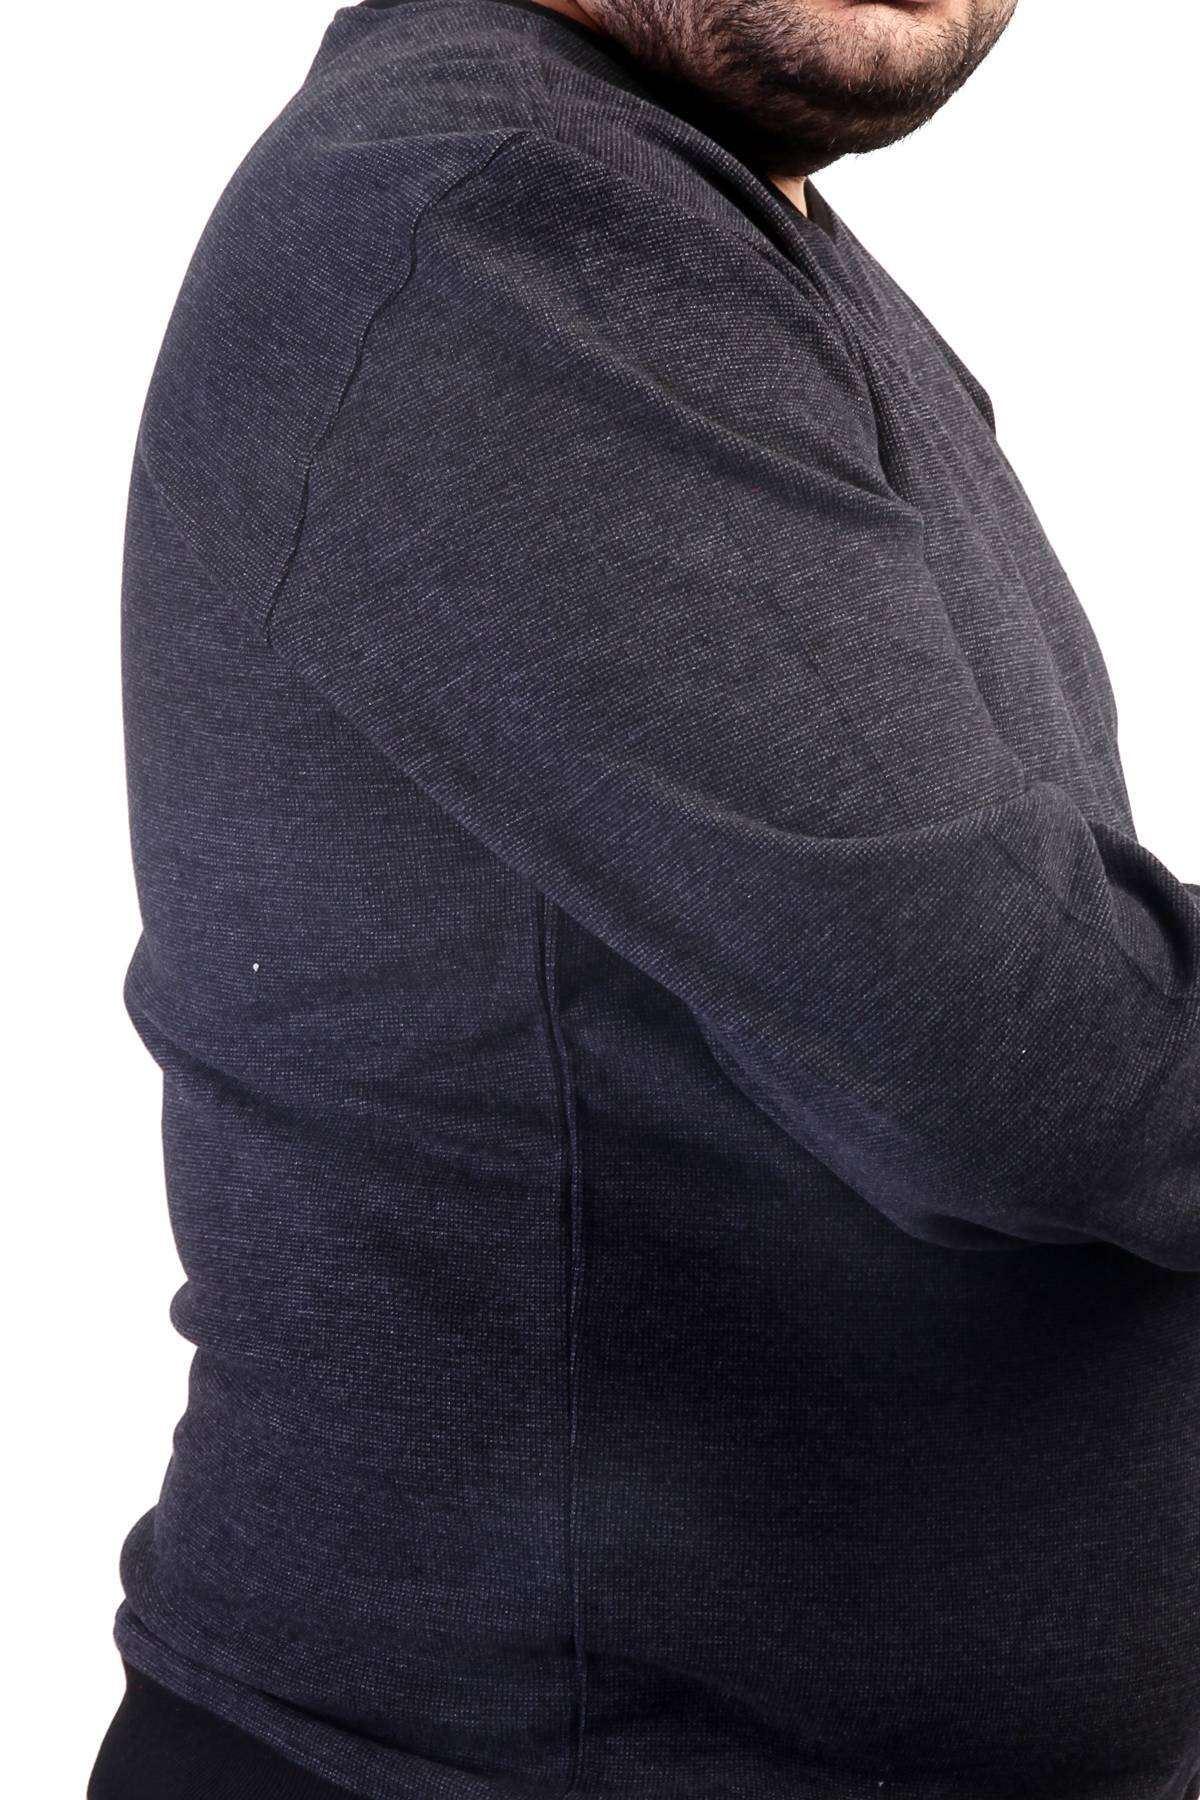 V Yaka Selanik Kırçıllı Süper Battal Sweatshirt Antrasit